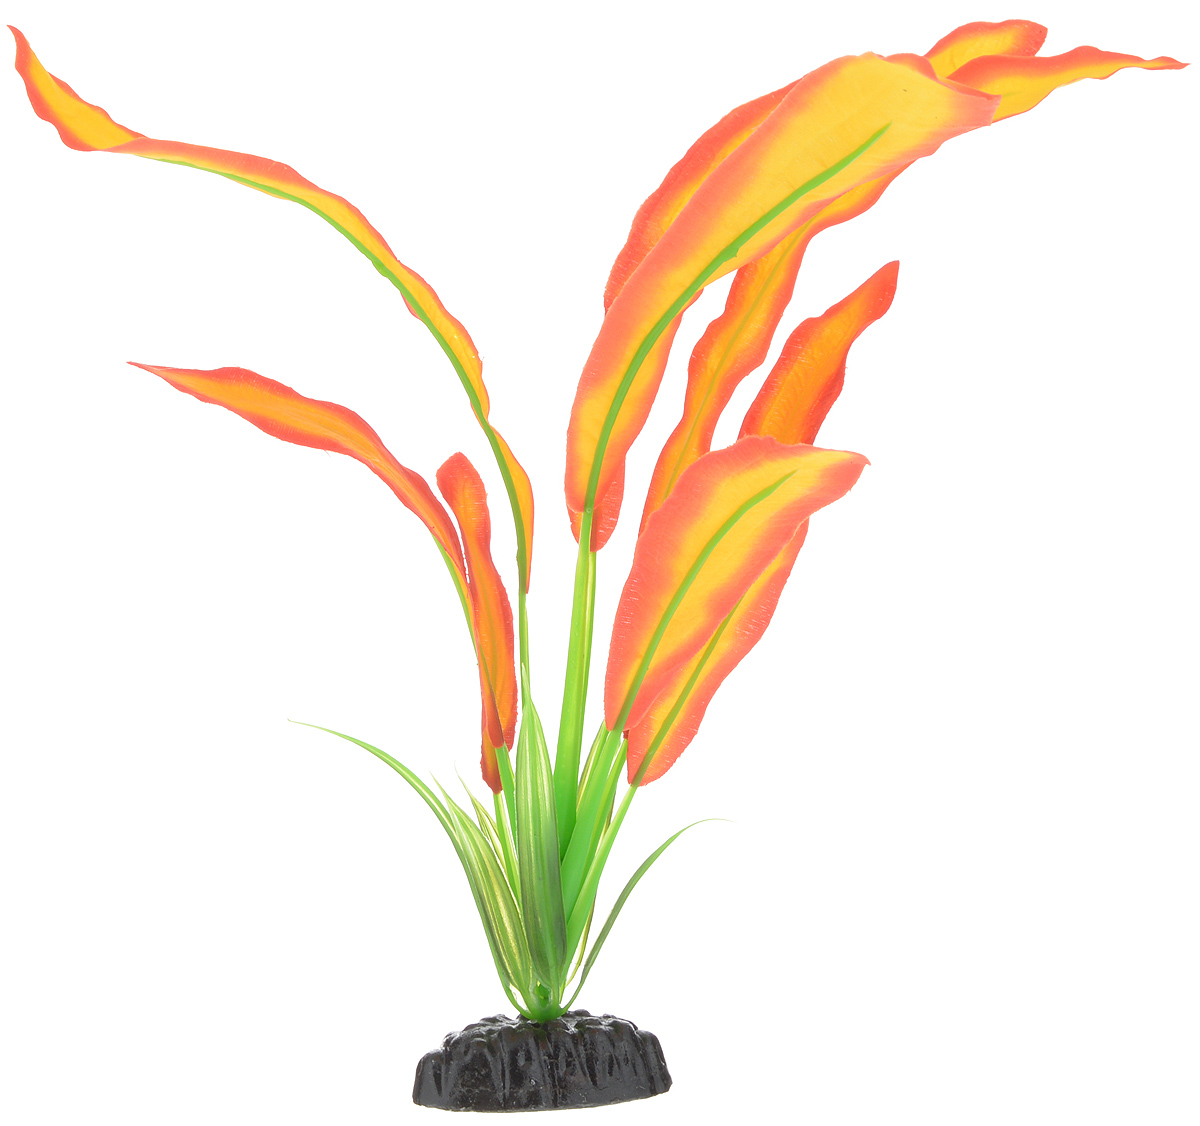 Растение для аквариума Barbus Эхинодорус Бартхи, шелковое, цвет: красный, желтый, высота 30 см растение для аквариума barbus лотос шелковое высота 50 см